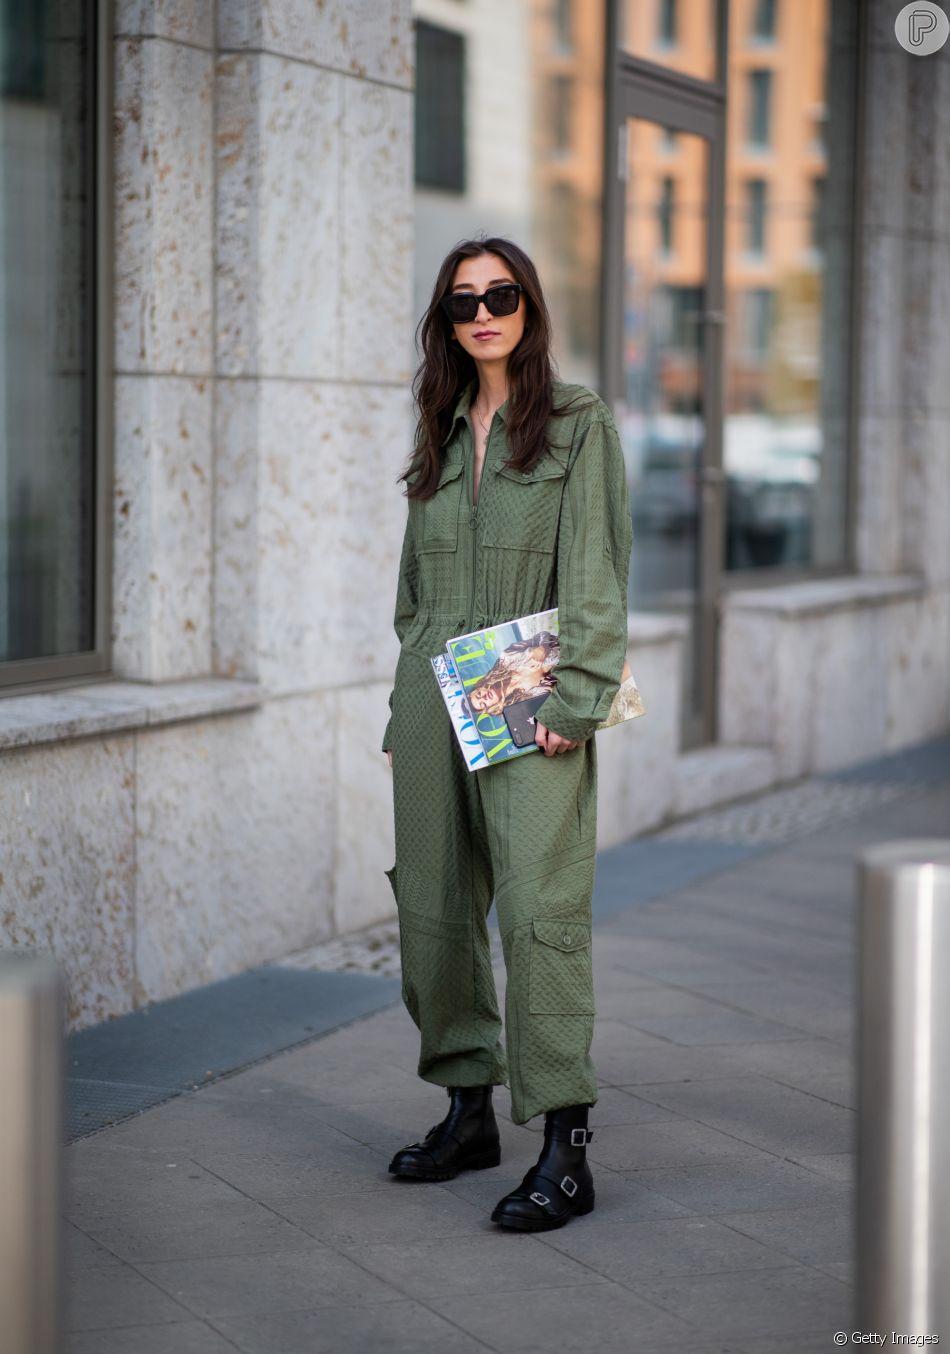 Moda utilitária: o macacão de mangas compridas e fecho frontal está na moda neste inverno